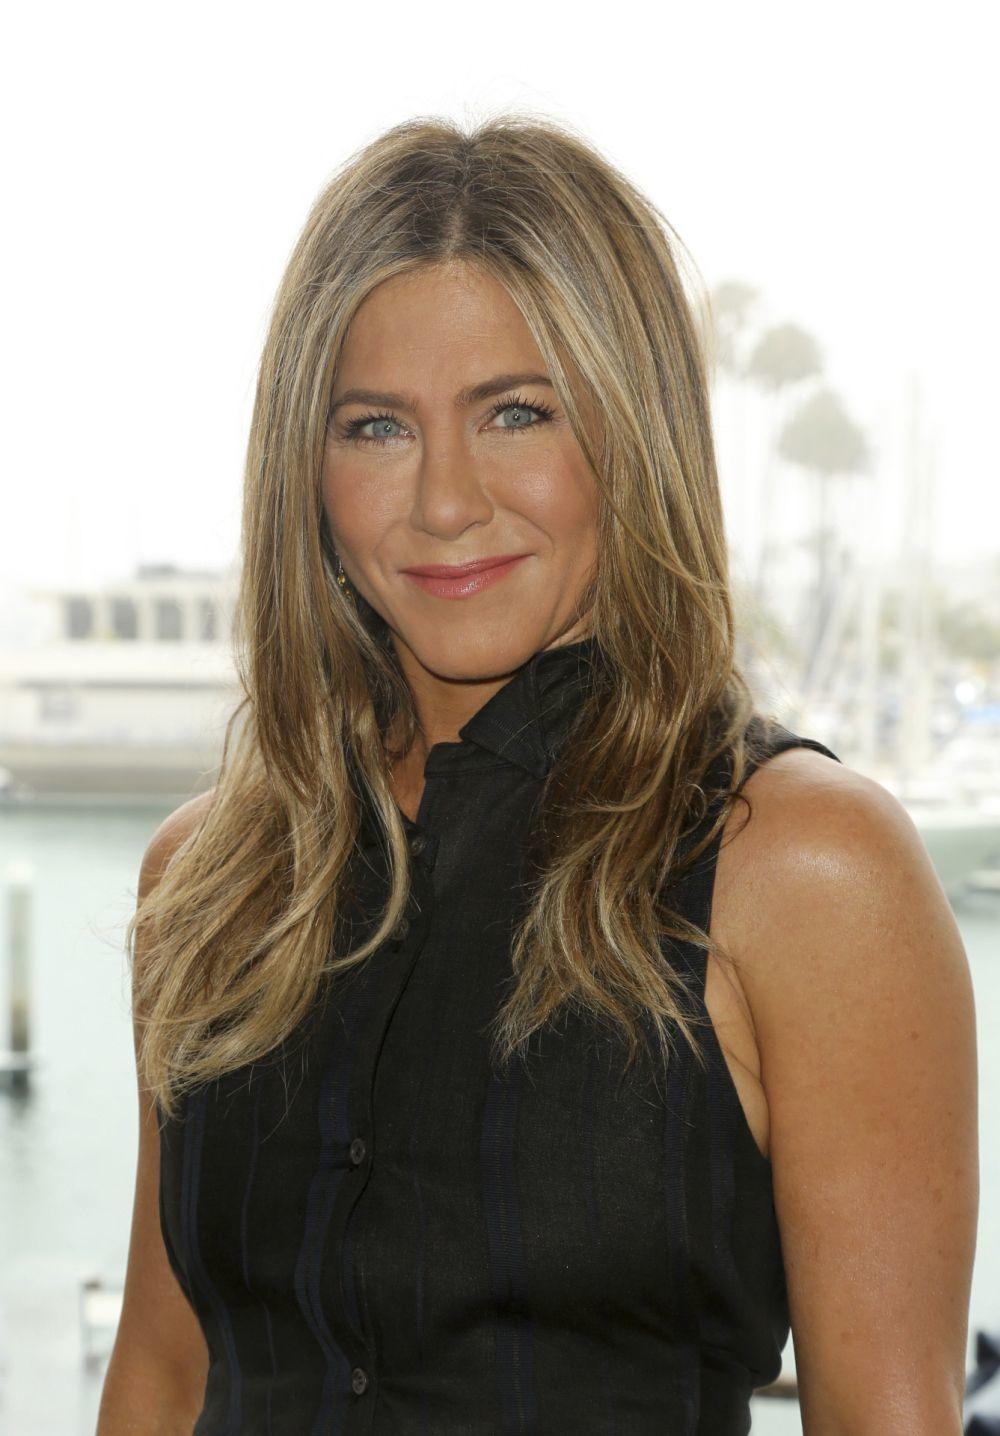 Pocas veces hemos visto que Jennifer Aniston se haya cortado mucho su melena y ahora opta por llevarla más larga aún.